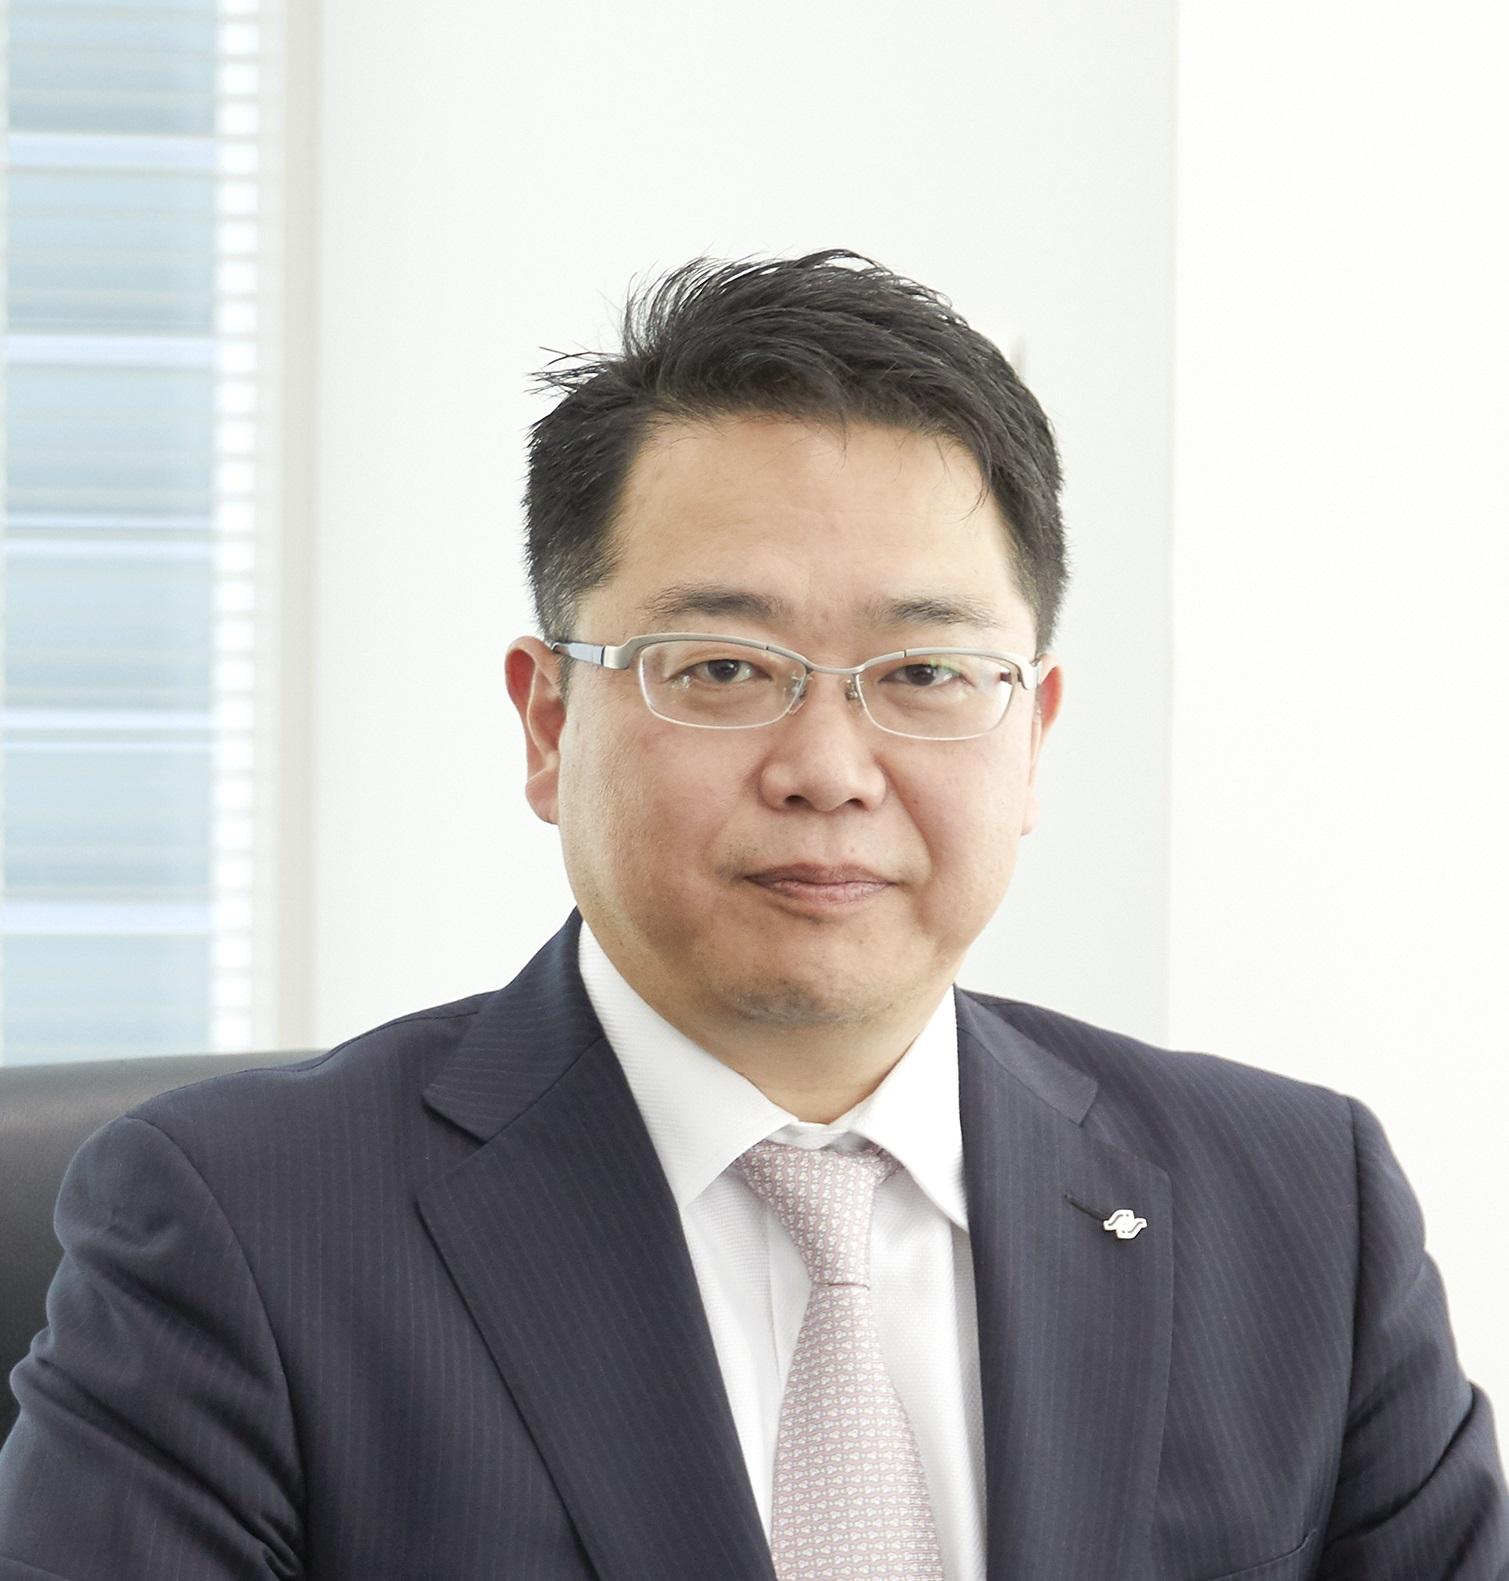 トップインタビュー・小川サムティ社長  ホテル市場復調、年内にもリート組成へ ―海外進出初弾、ハノイで住宅開発に参入